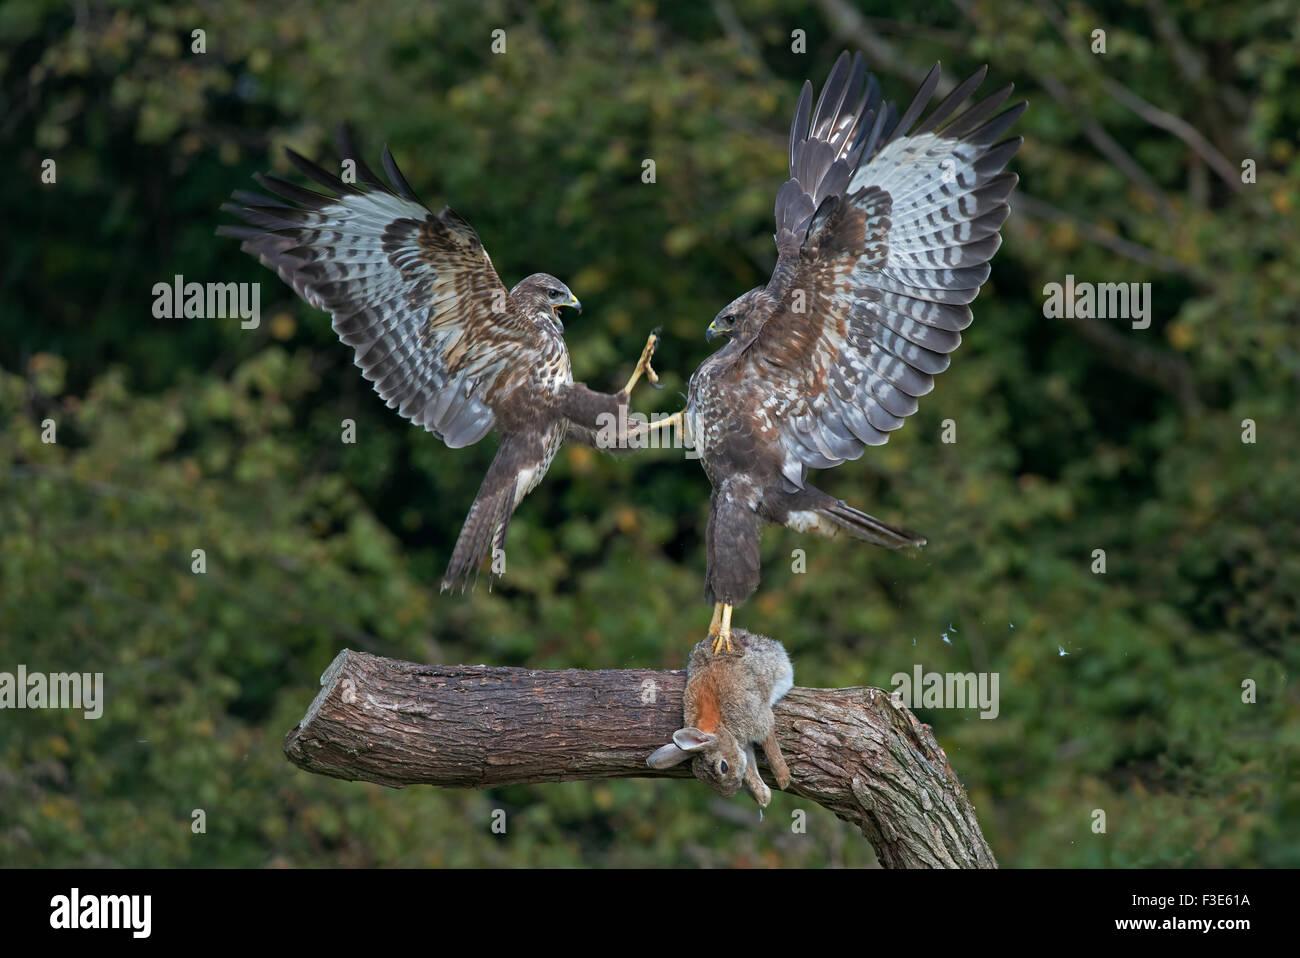 Paar von Buteo Buteo Mäusebussarde - anzeigen Aggression über Beute. Herbst. UK Stockbild